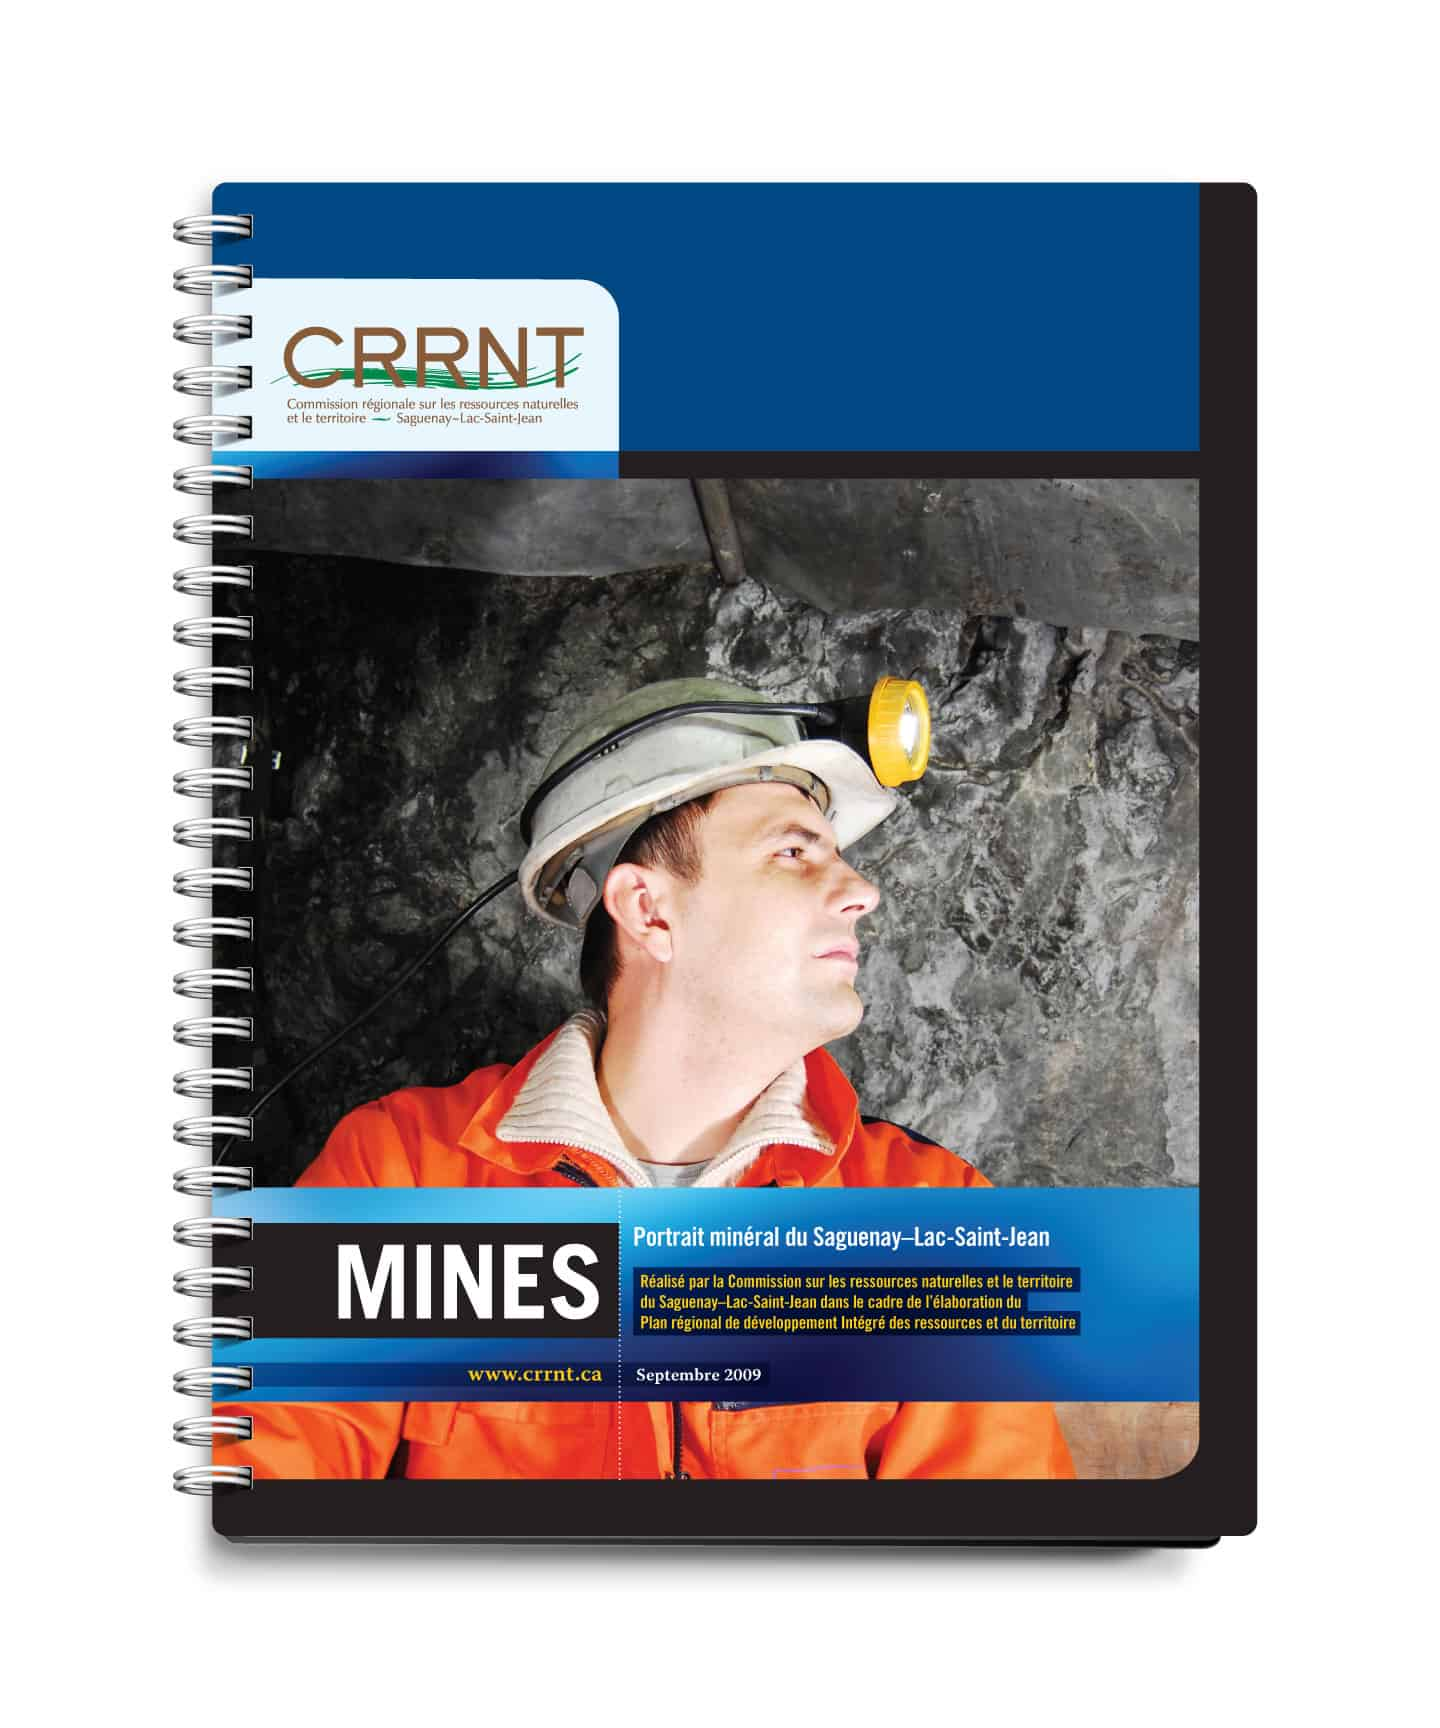 CRRNT - Graphisme couvert par Cyan concept - Mines